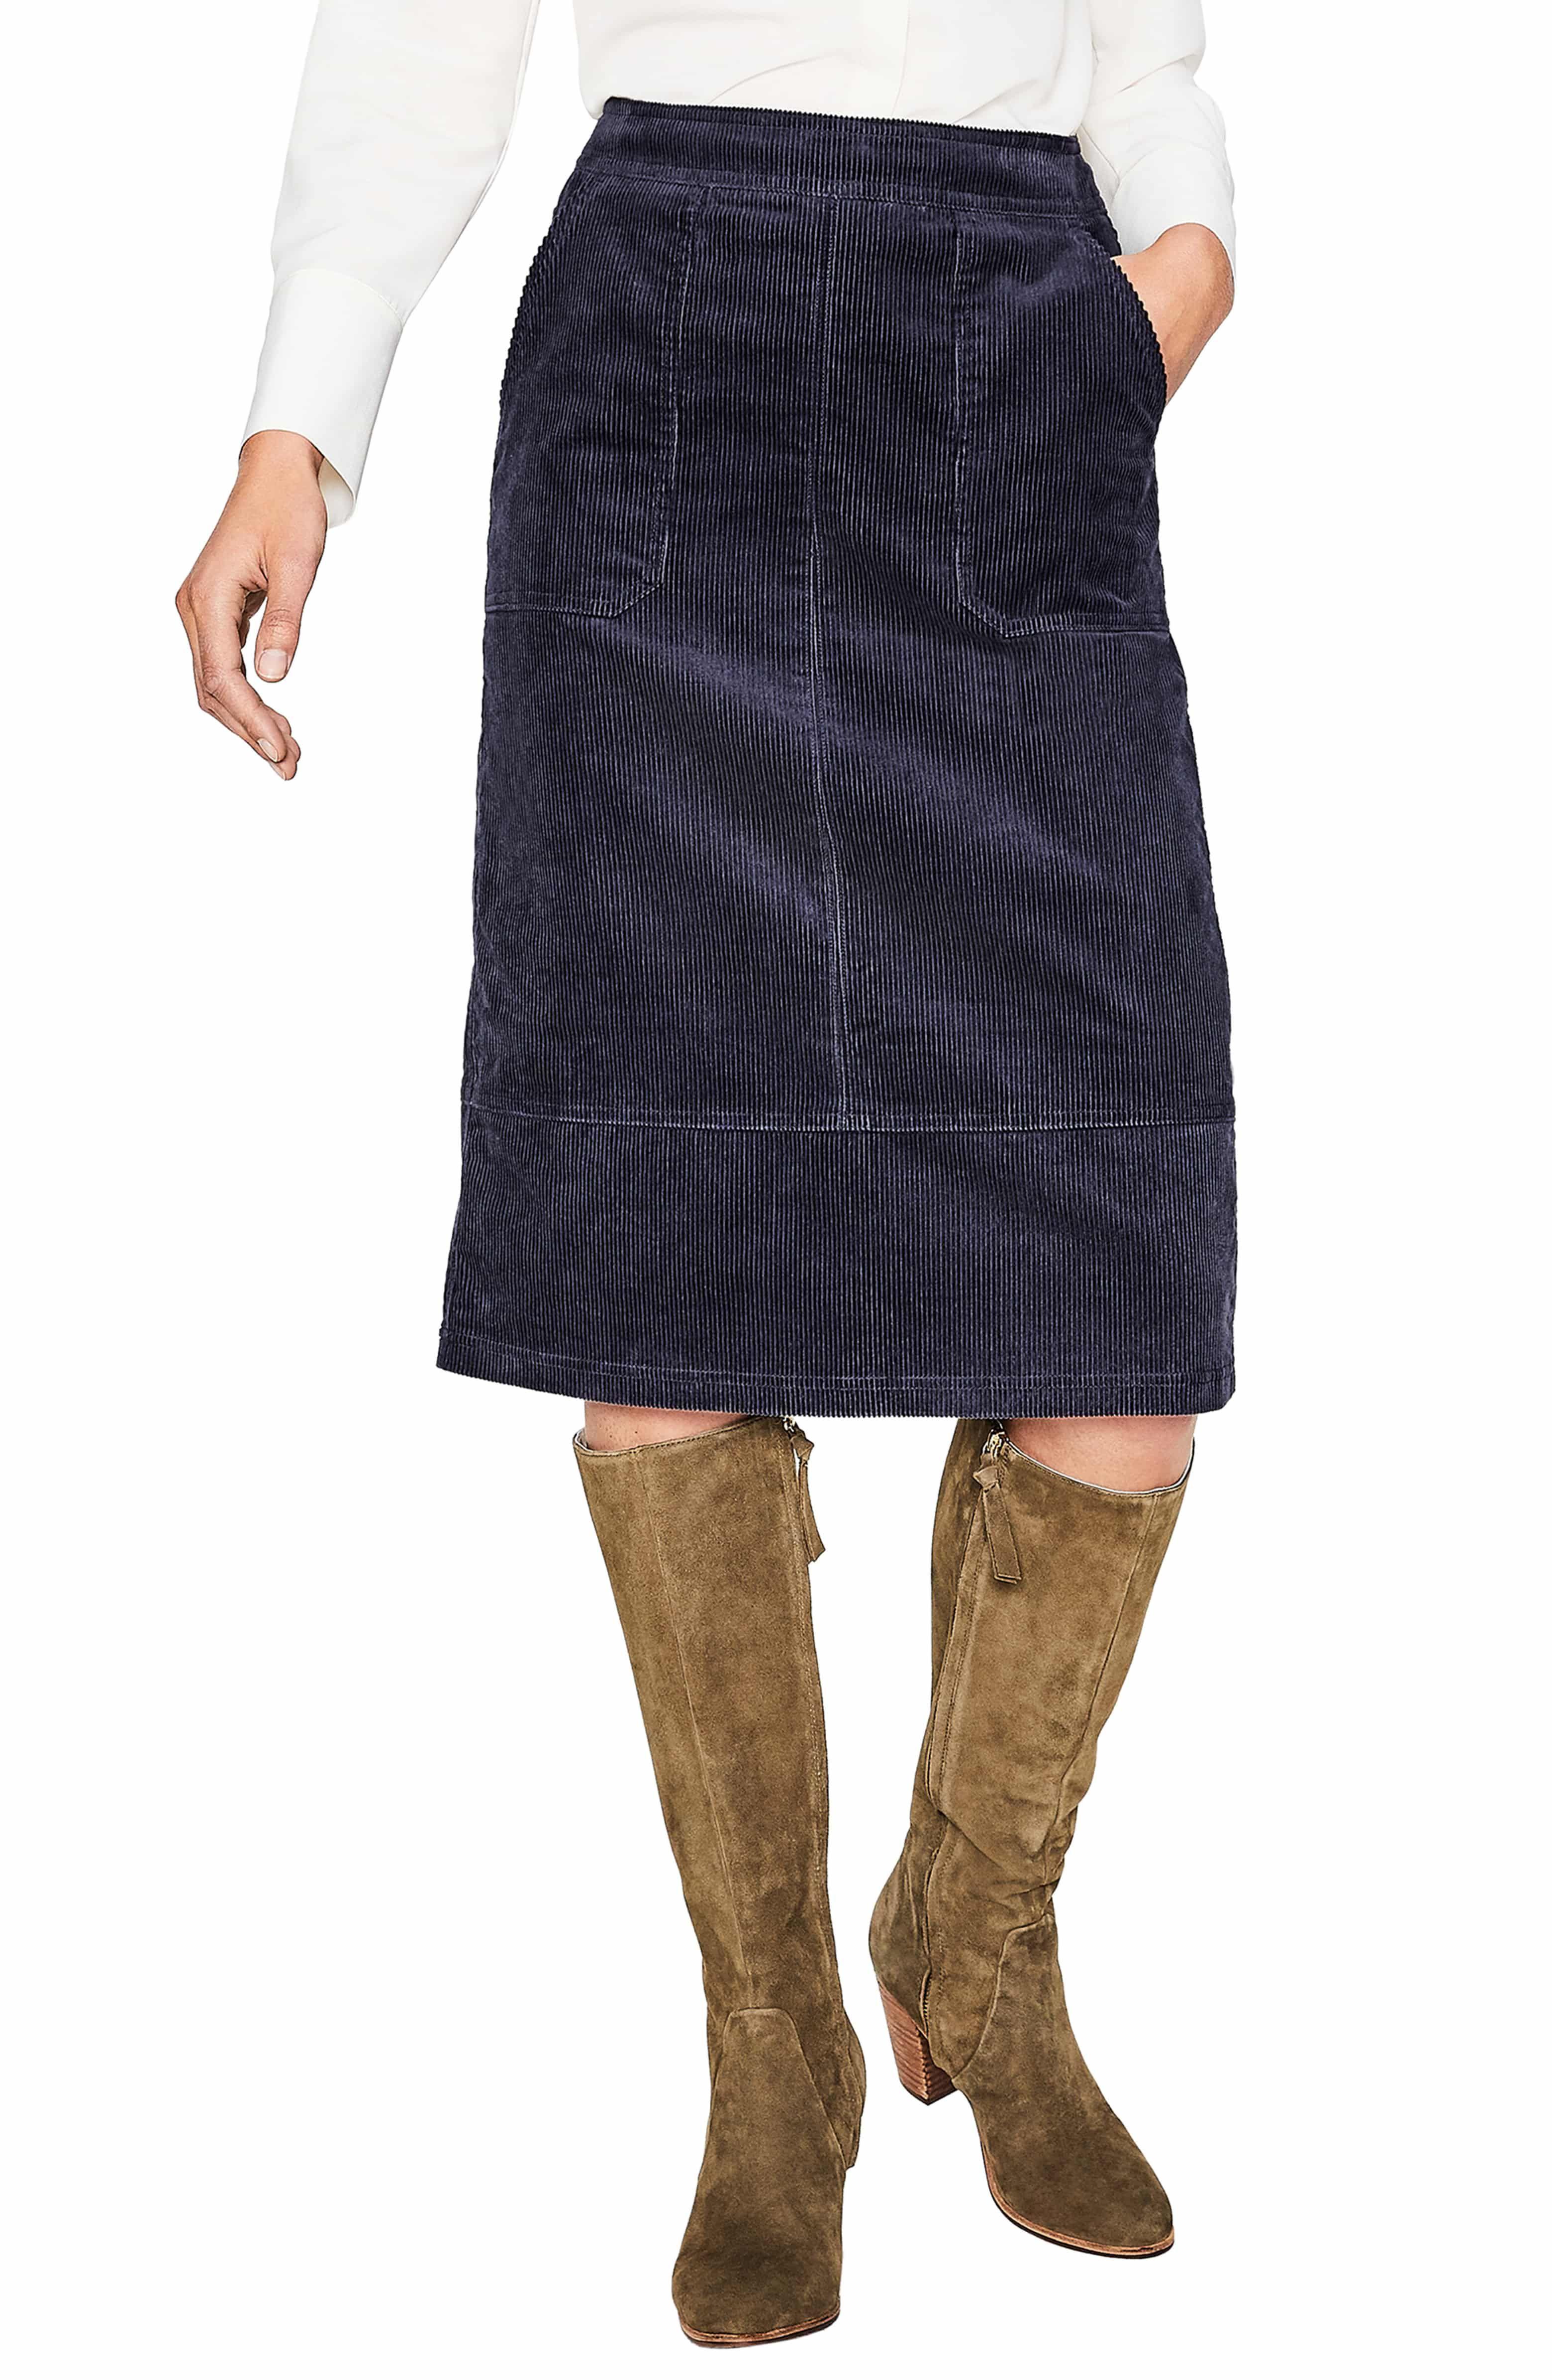 d790a960774de Patch Pocket Corduroy Midi Skirt Main color.  midiskirt  miniskirts  skirts   skirtsuit